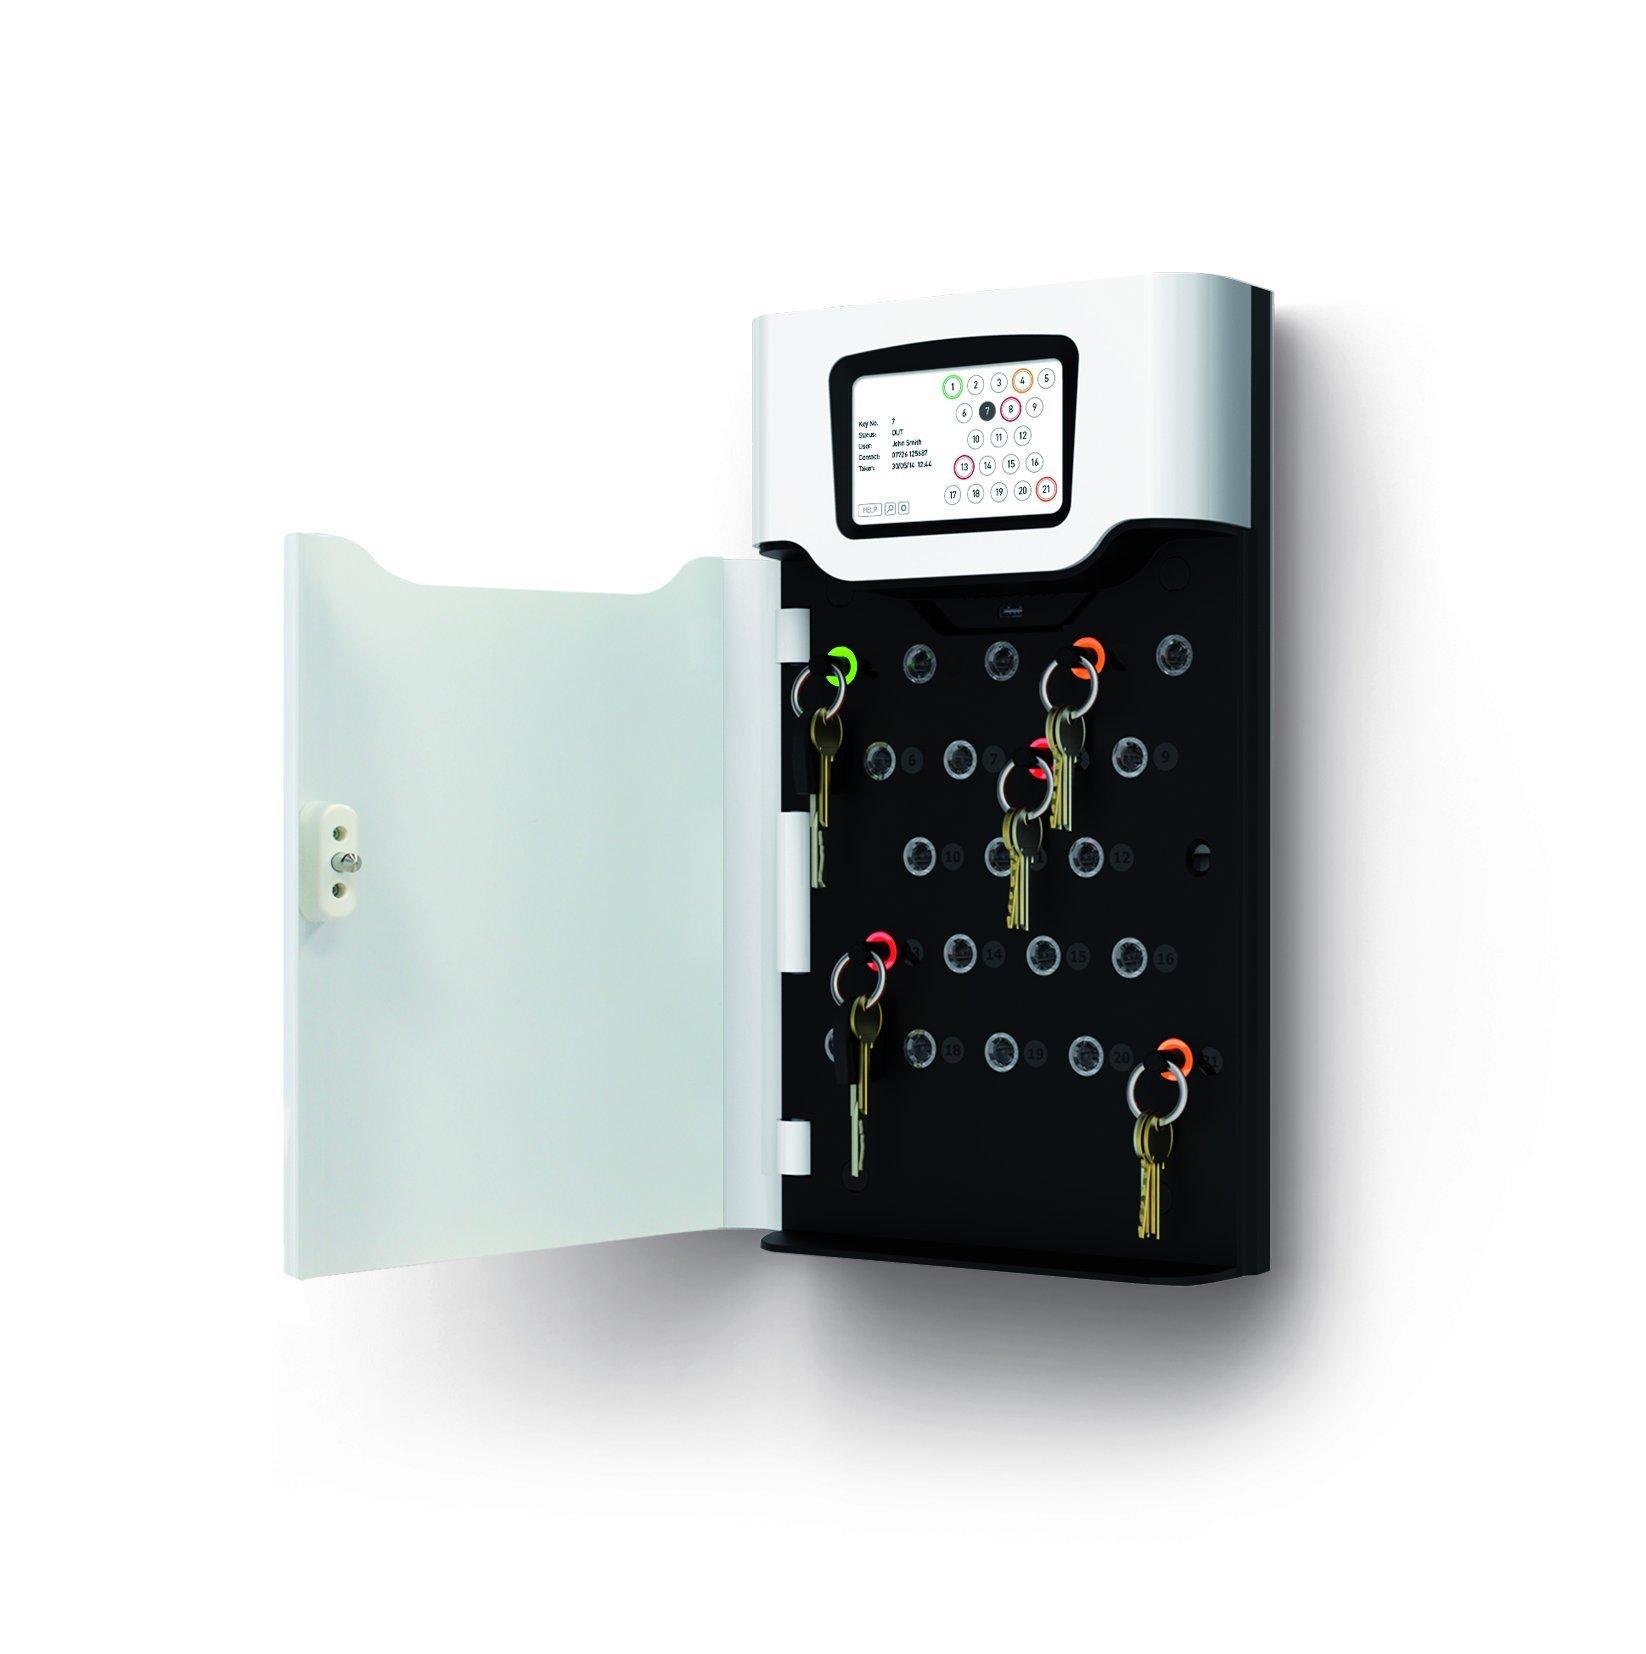 Tesa Assa Abloy TRAKA21 - Cabina Inteligente caja Portallaves: Amazon.es: Bricolaje y herramientas